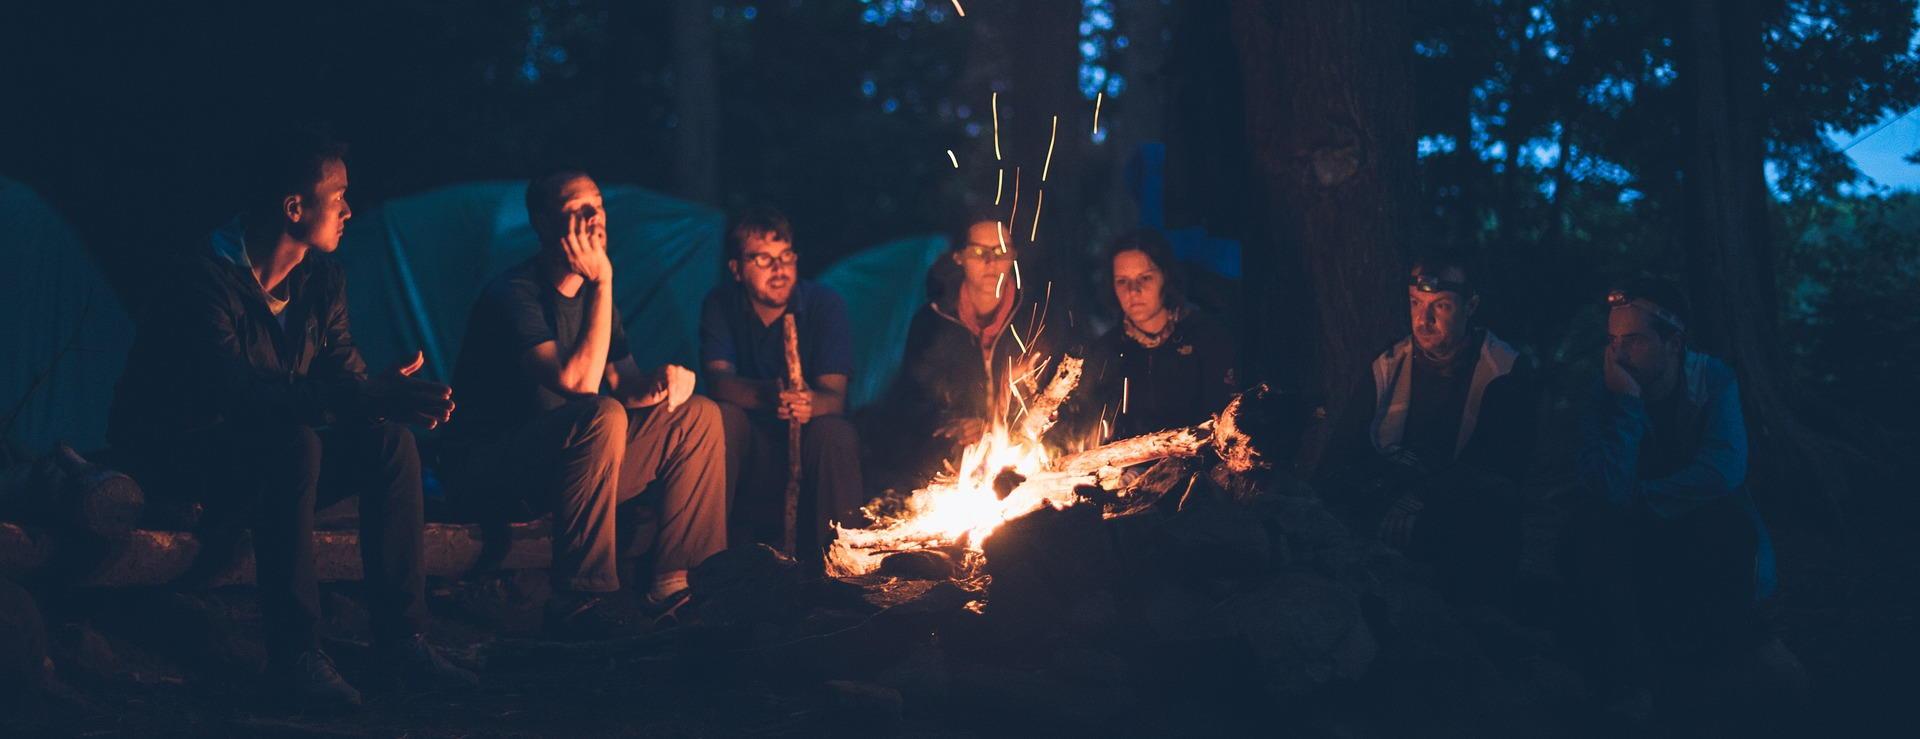 bonfire-1867275_1920_Pexels